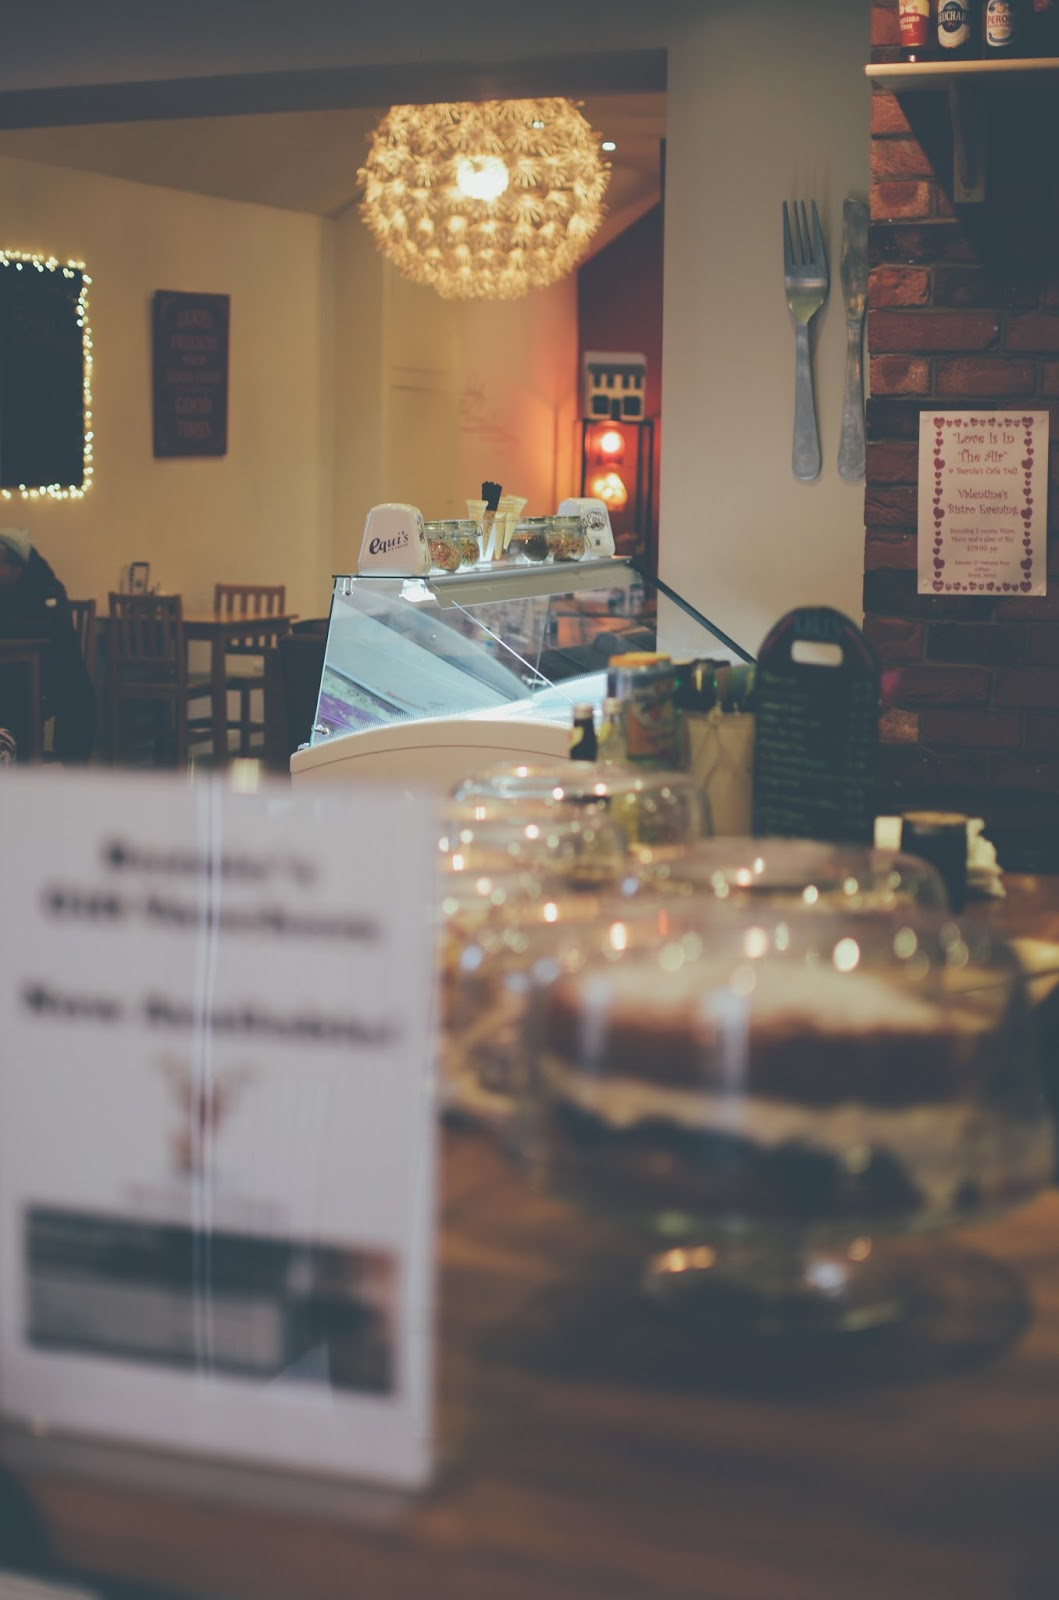 equis, equis ice cream, local ice cream, scottish ice cream, bridge of weir, scottish village, bernies cafe deli, scottish cafe, scottish countryside, scottish brunch, scotland, scottish food, scottish restaurant, scottish food, local food, scottish deli, deli, bridge of weir deli, bridge of weir cafe,